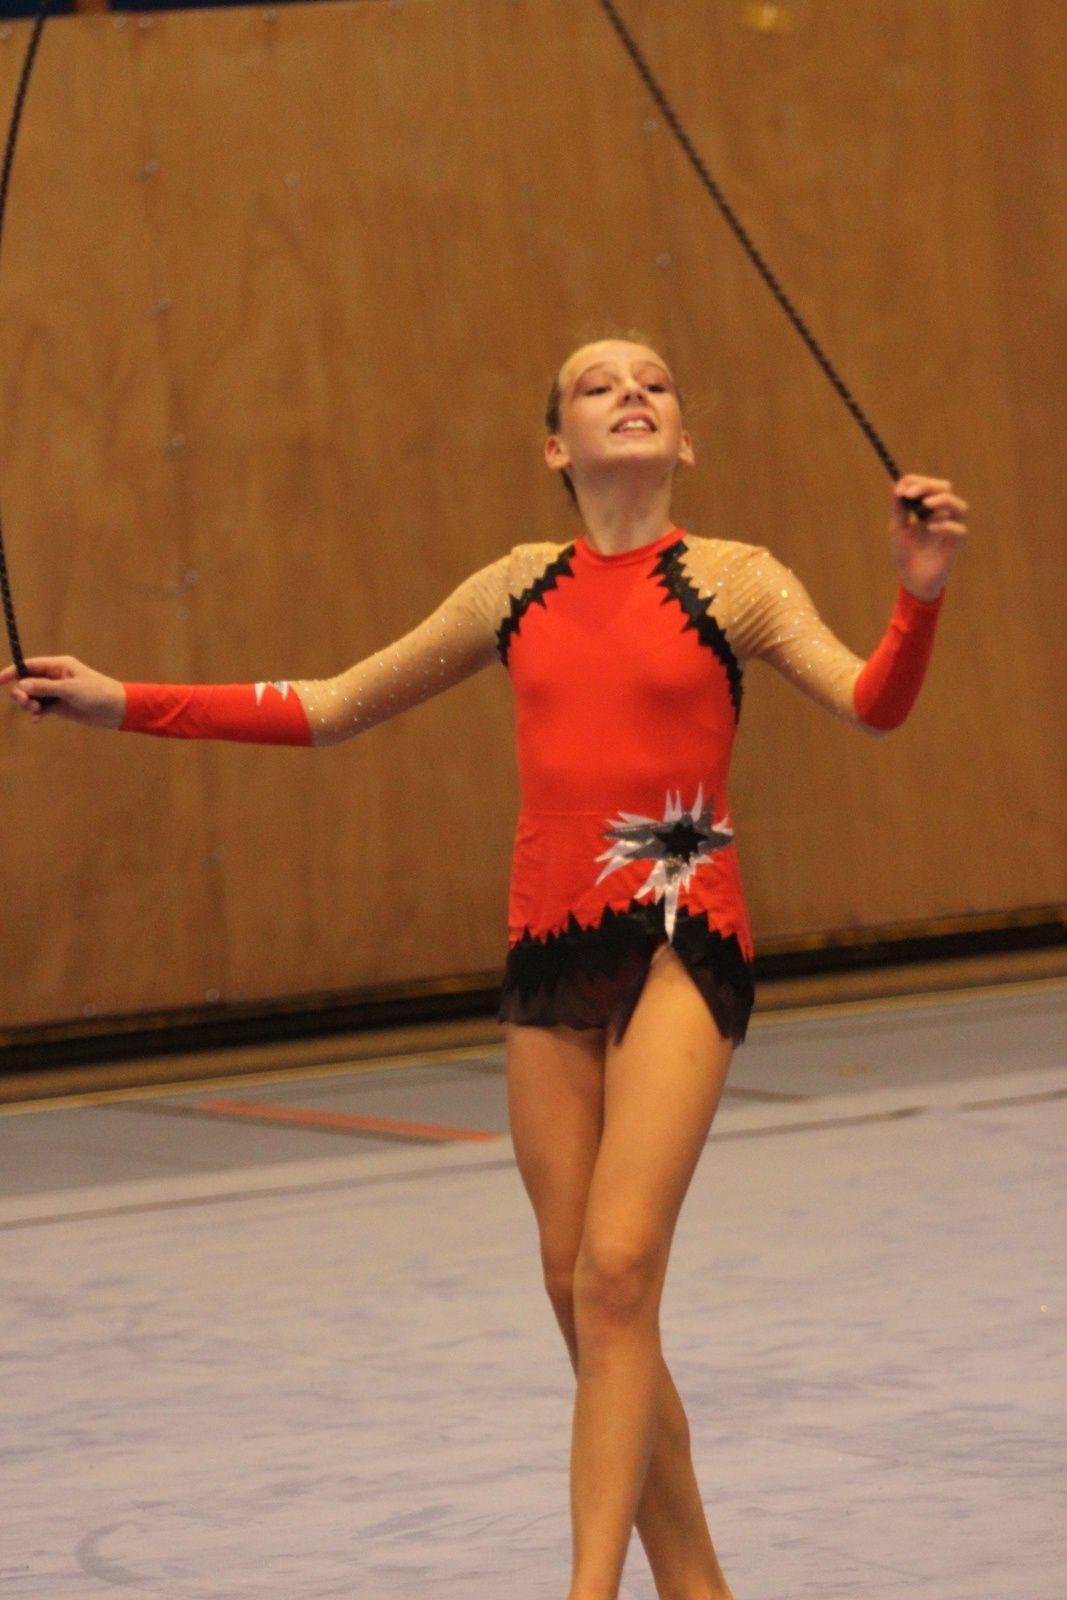 Magnifique championnat Rhône-Alpes de gymnastique rythmique